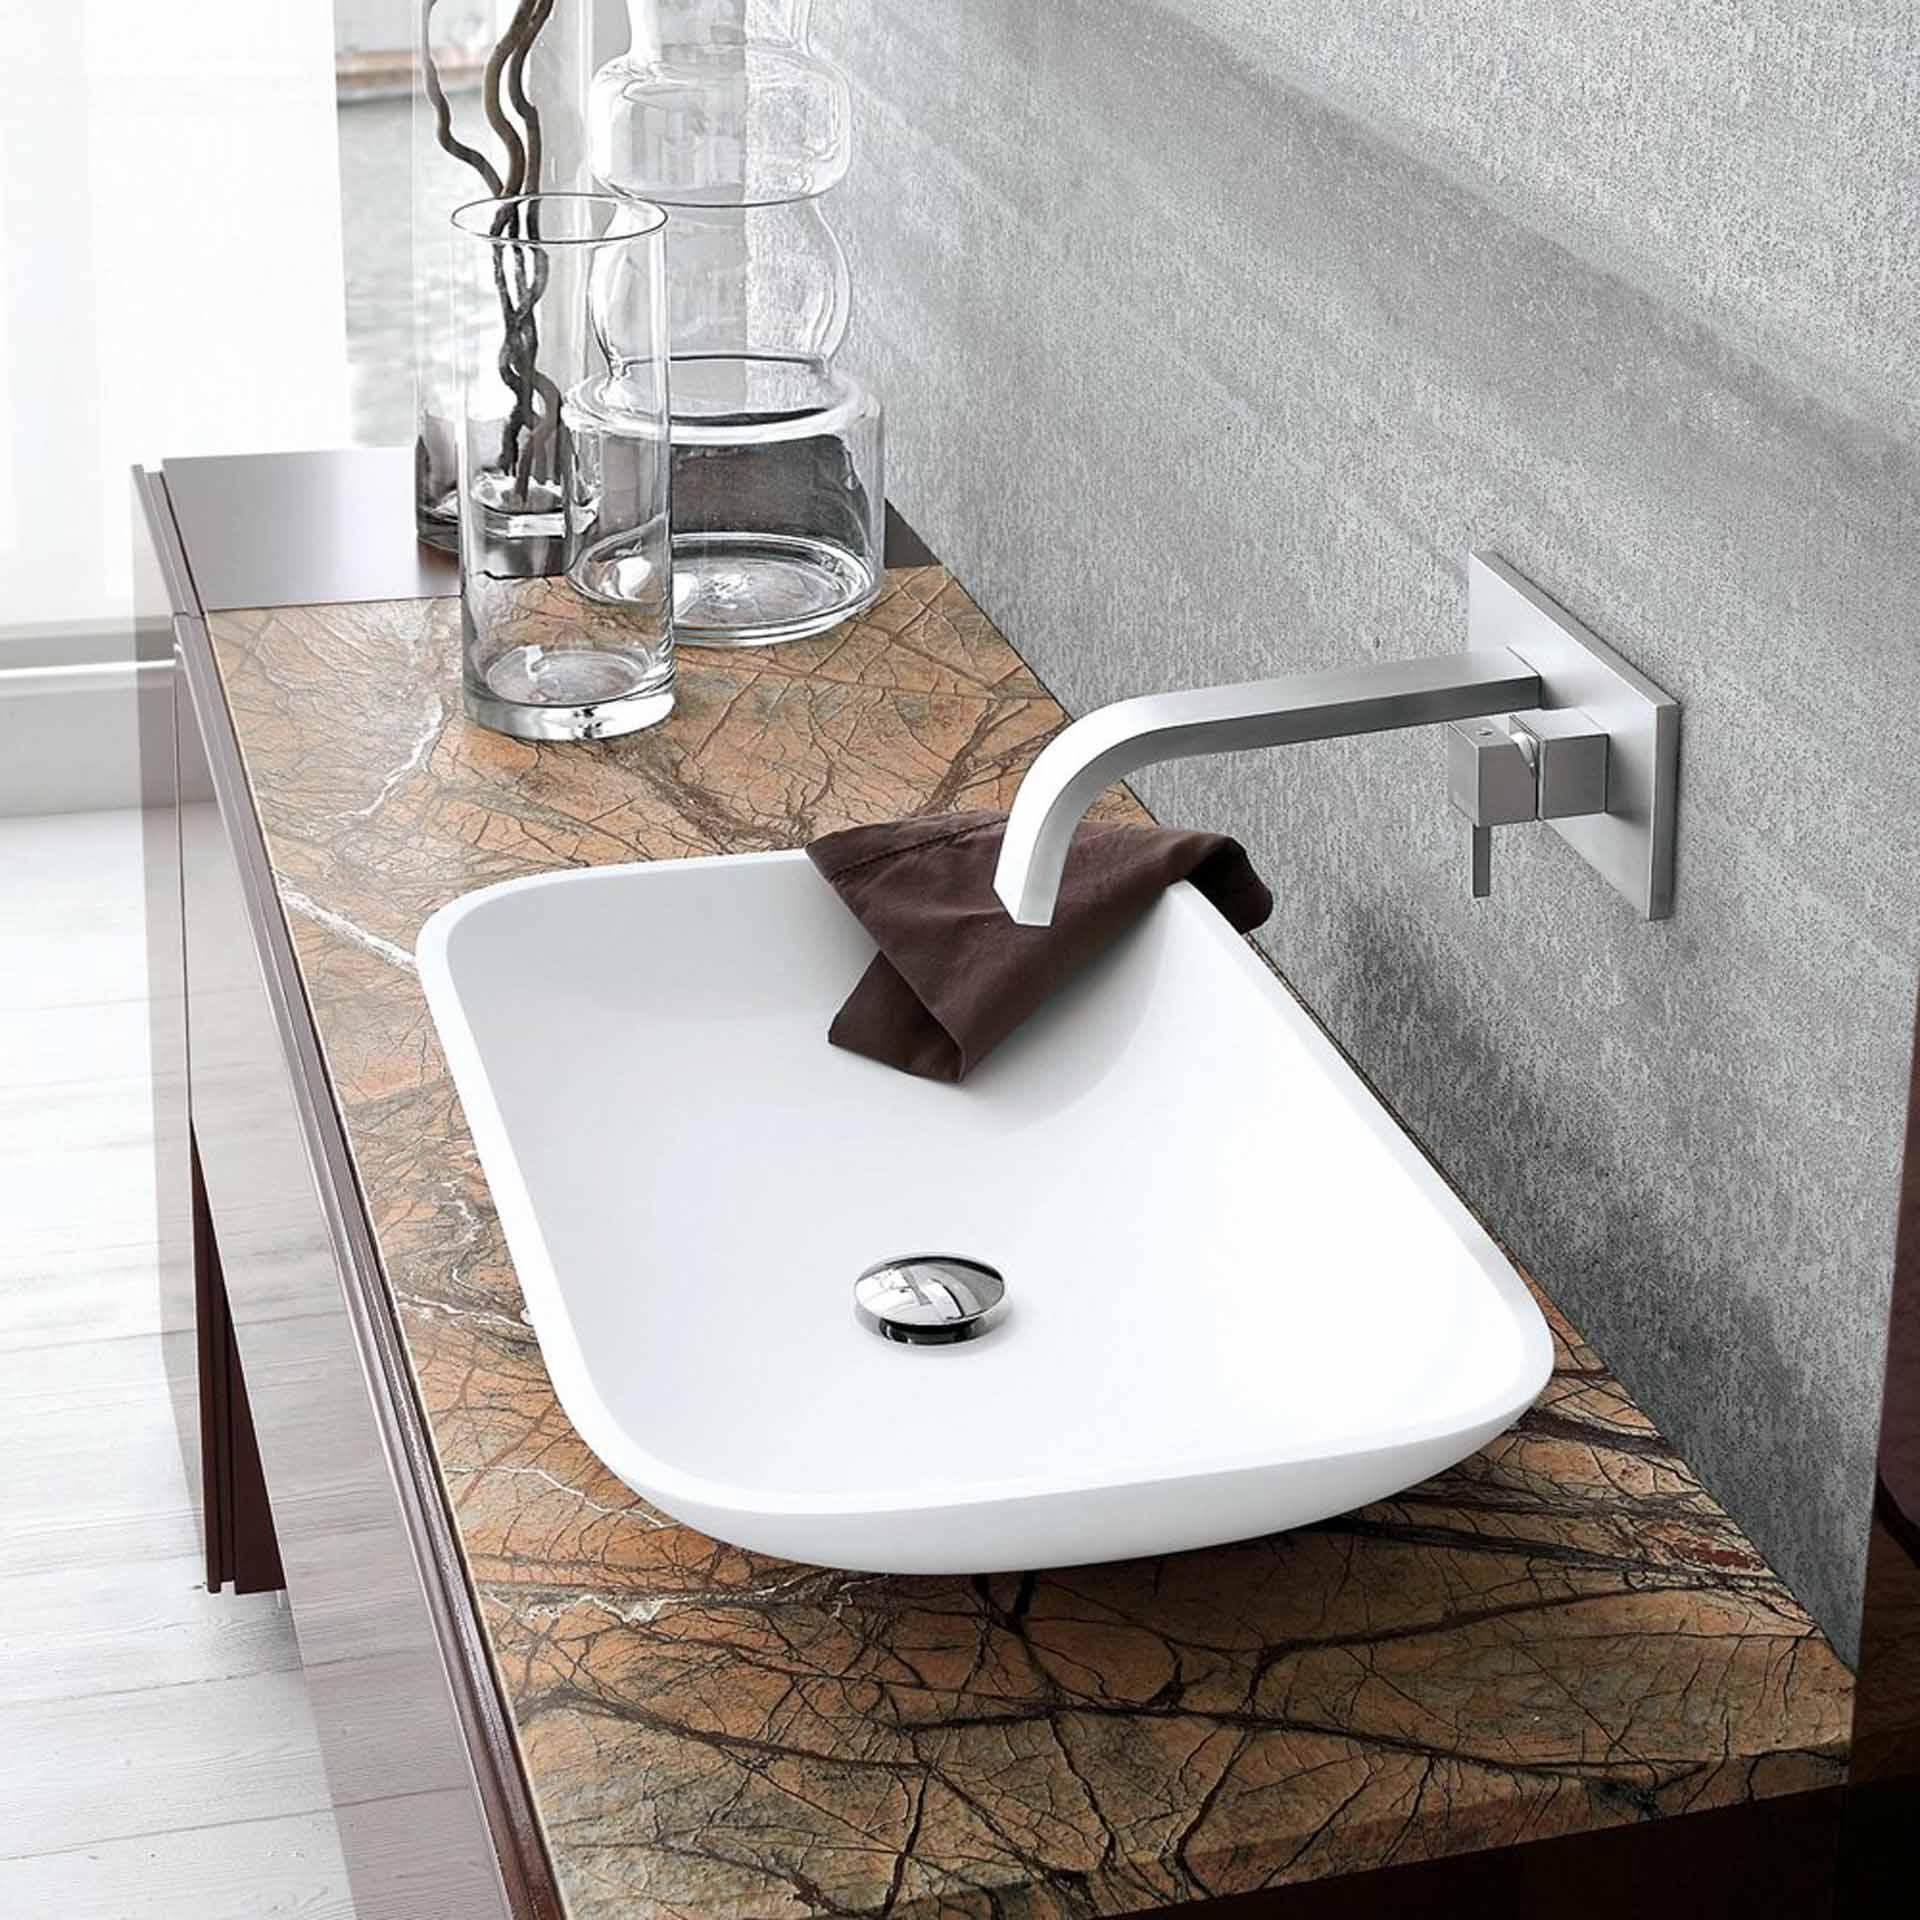 I migliori lavabi d 39 arredo come sceglierli orsolini - Lavandini bagno da incasso ...